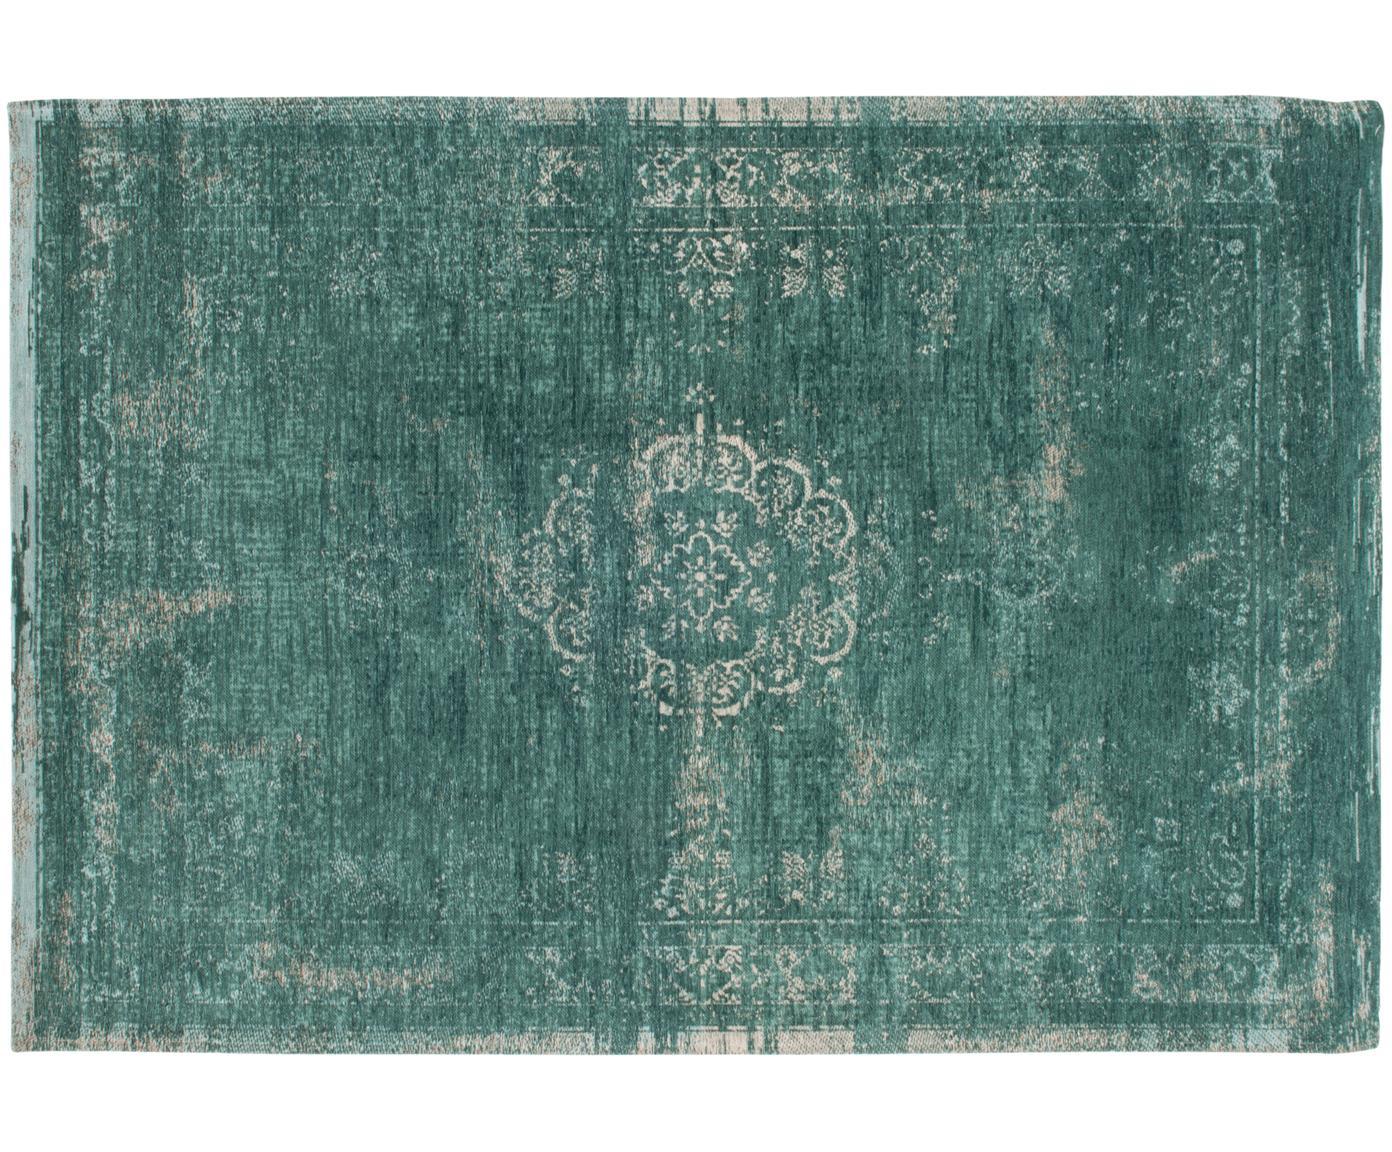 Alfombra de chenilla Medaillon, estilo vintage, Parte superior: chenilla (algodón), Reverso: tejido de chenilla, recub, Verde, gris, An 140 x L 200 cm (Tamaño S)